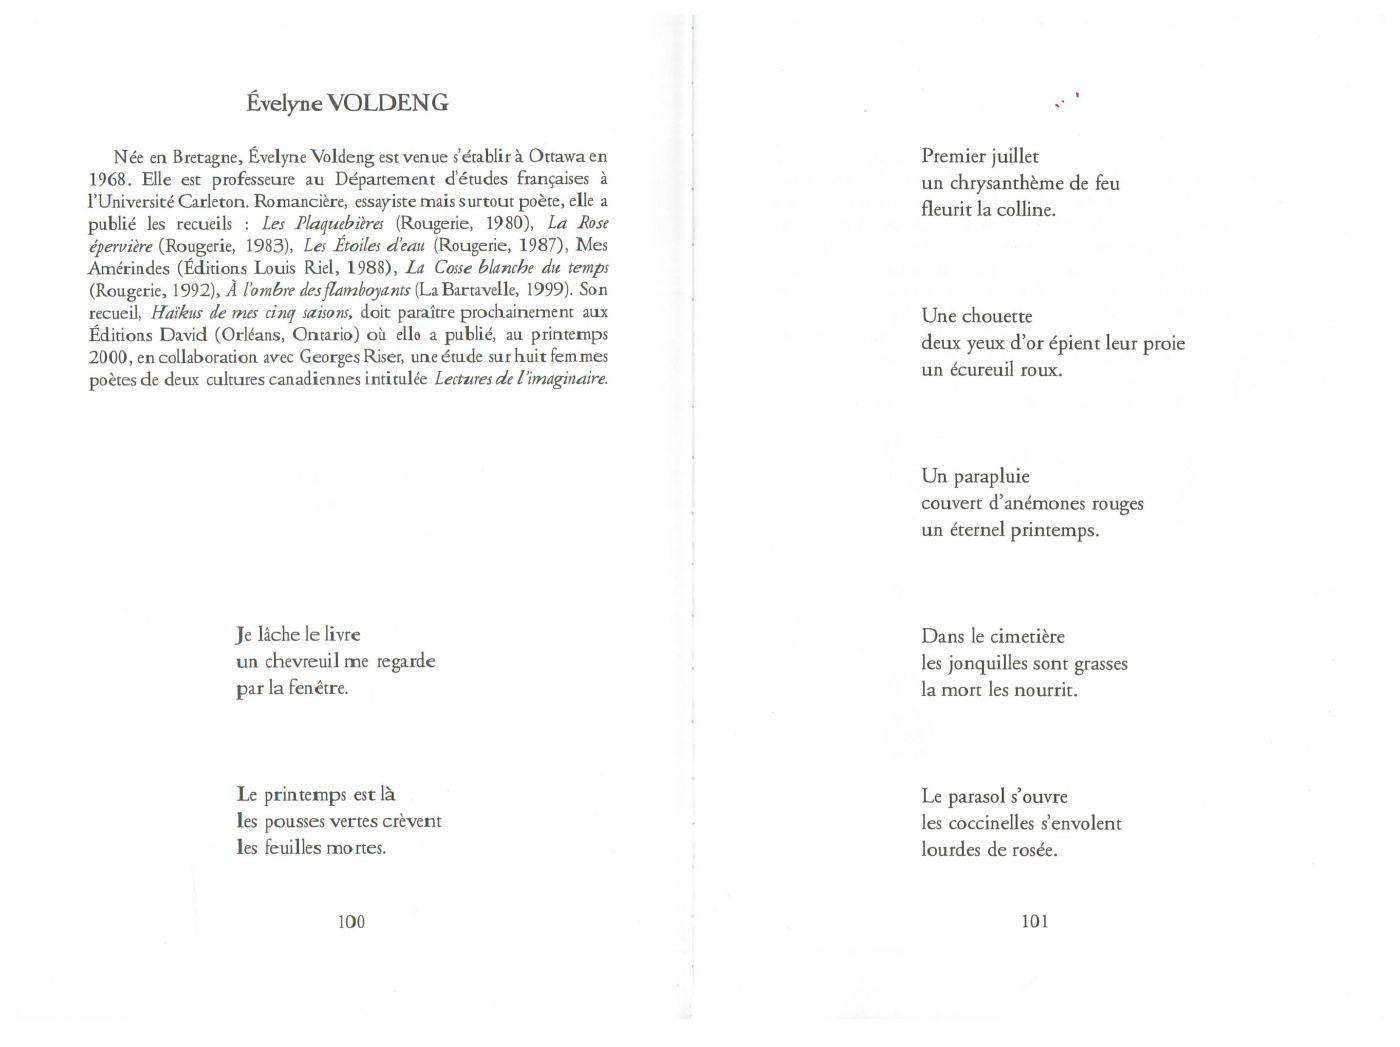 Document imprimé, en français. Disposés sur deux pages, une série de sept haïkus de trois lignes chacun. Ils sont précédés de la biographie de la poète.